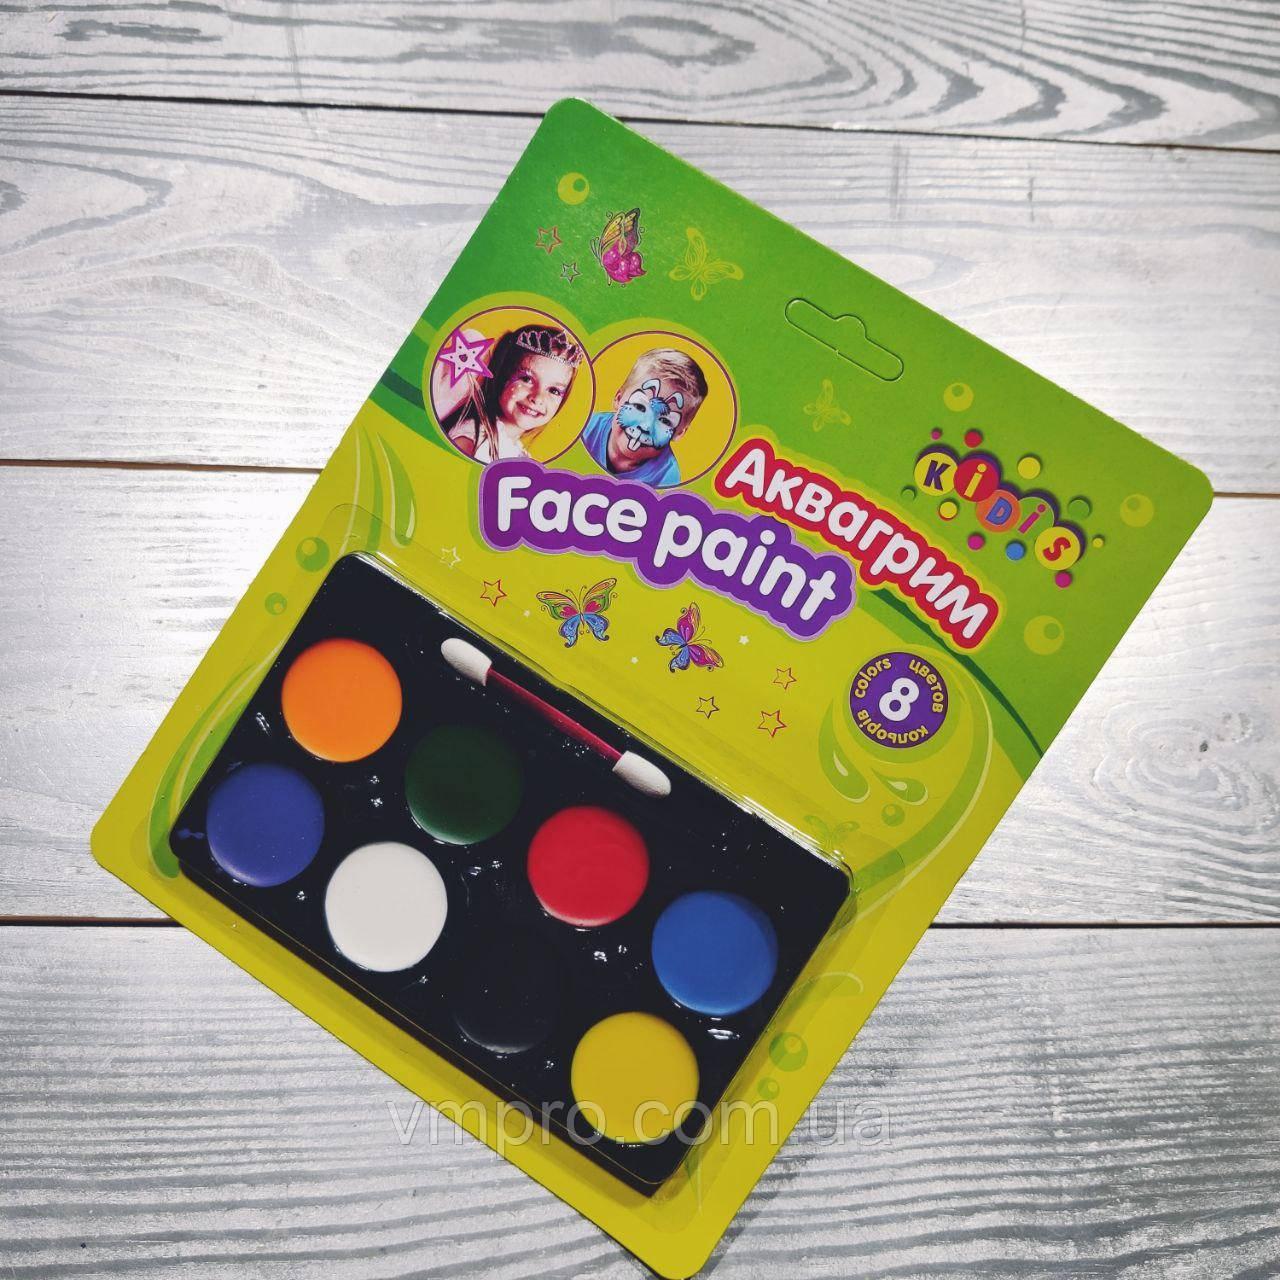 Краски для грима 8 цветов и кисточка,№7767,аквагрим,набор для творчества